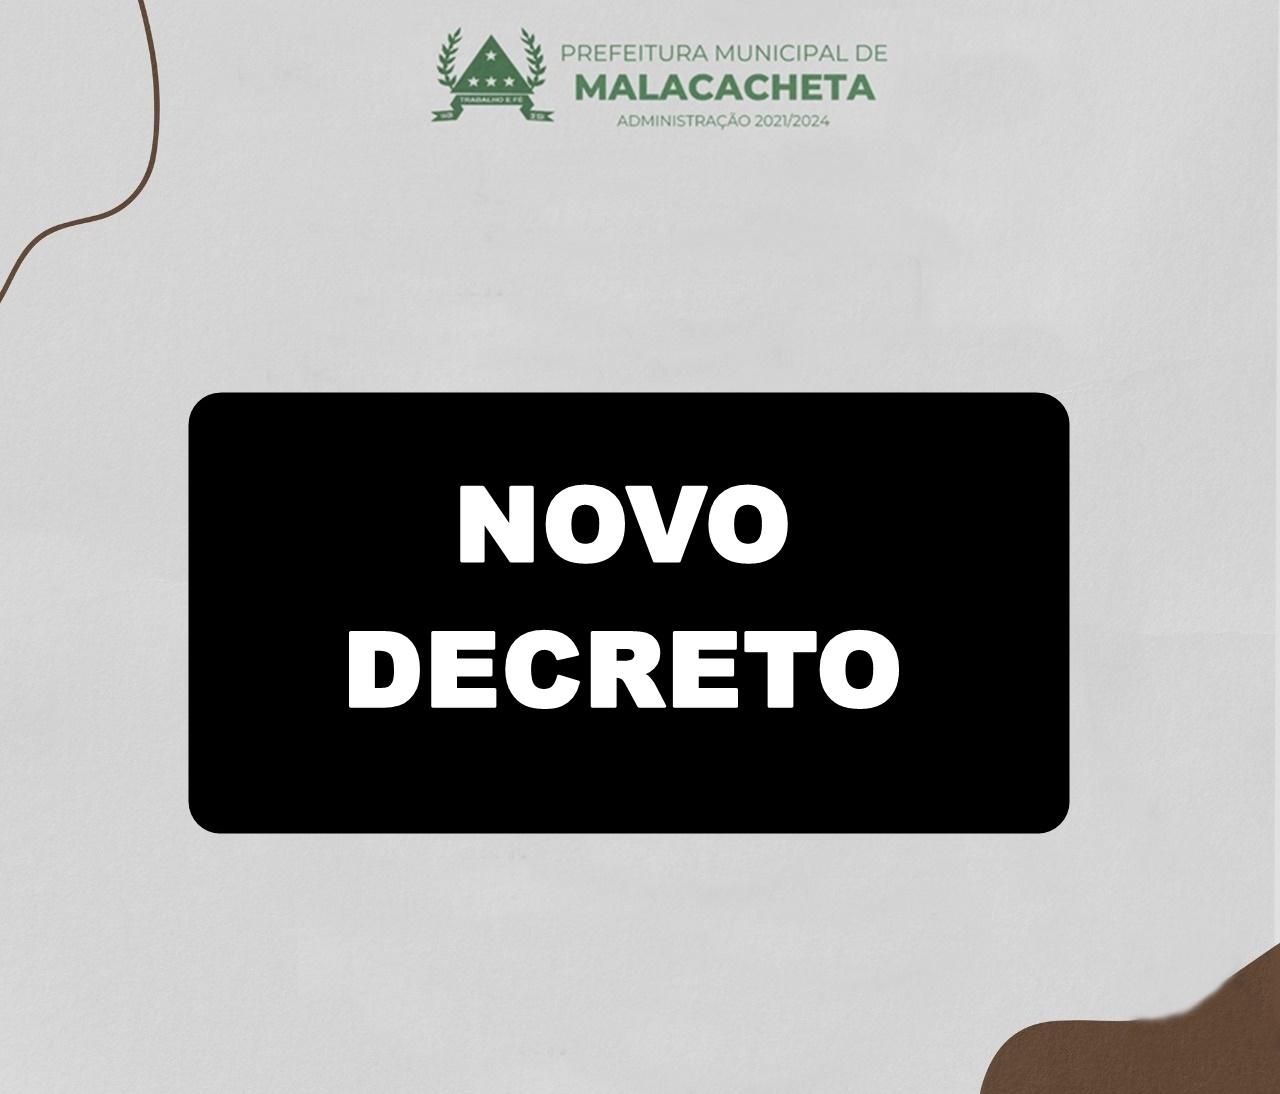 DECRETO N° 075 DE 2021 - DISPÕE SOBRE PONTO FACULTATIVO